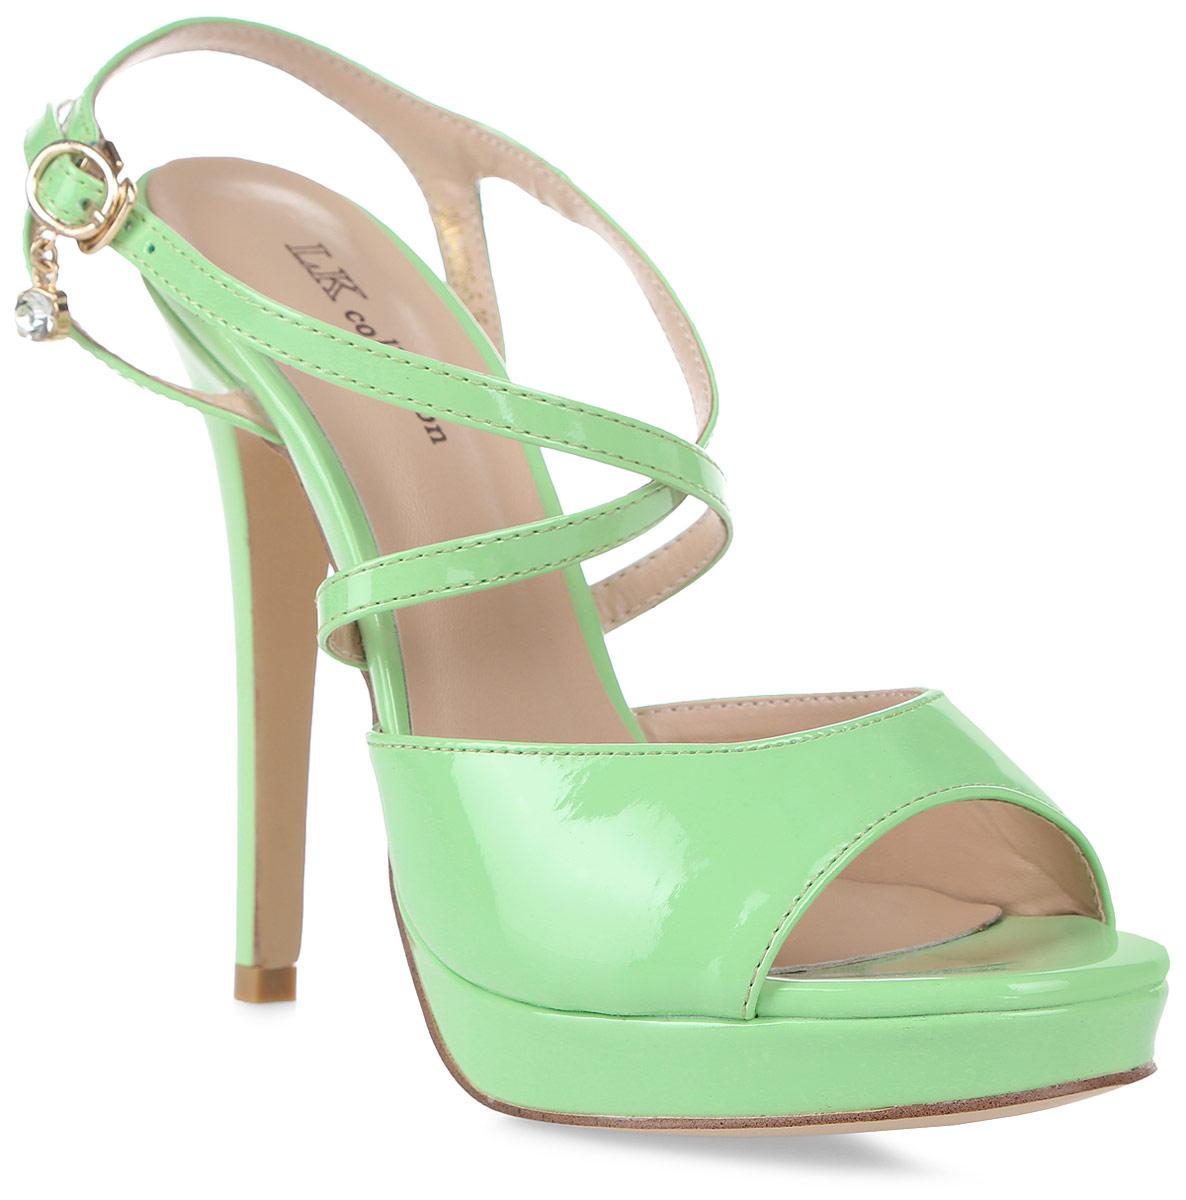 Босоножки женские LK Collection, цвет: зеленый. H40-X596-5 PU. Размер 36H40-X596-5 PUСтильные босоножки на высокой шпильке выполнены из искусственной кожи. Модель дополнена стелькой из натуральной кожи.